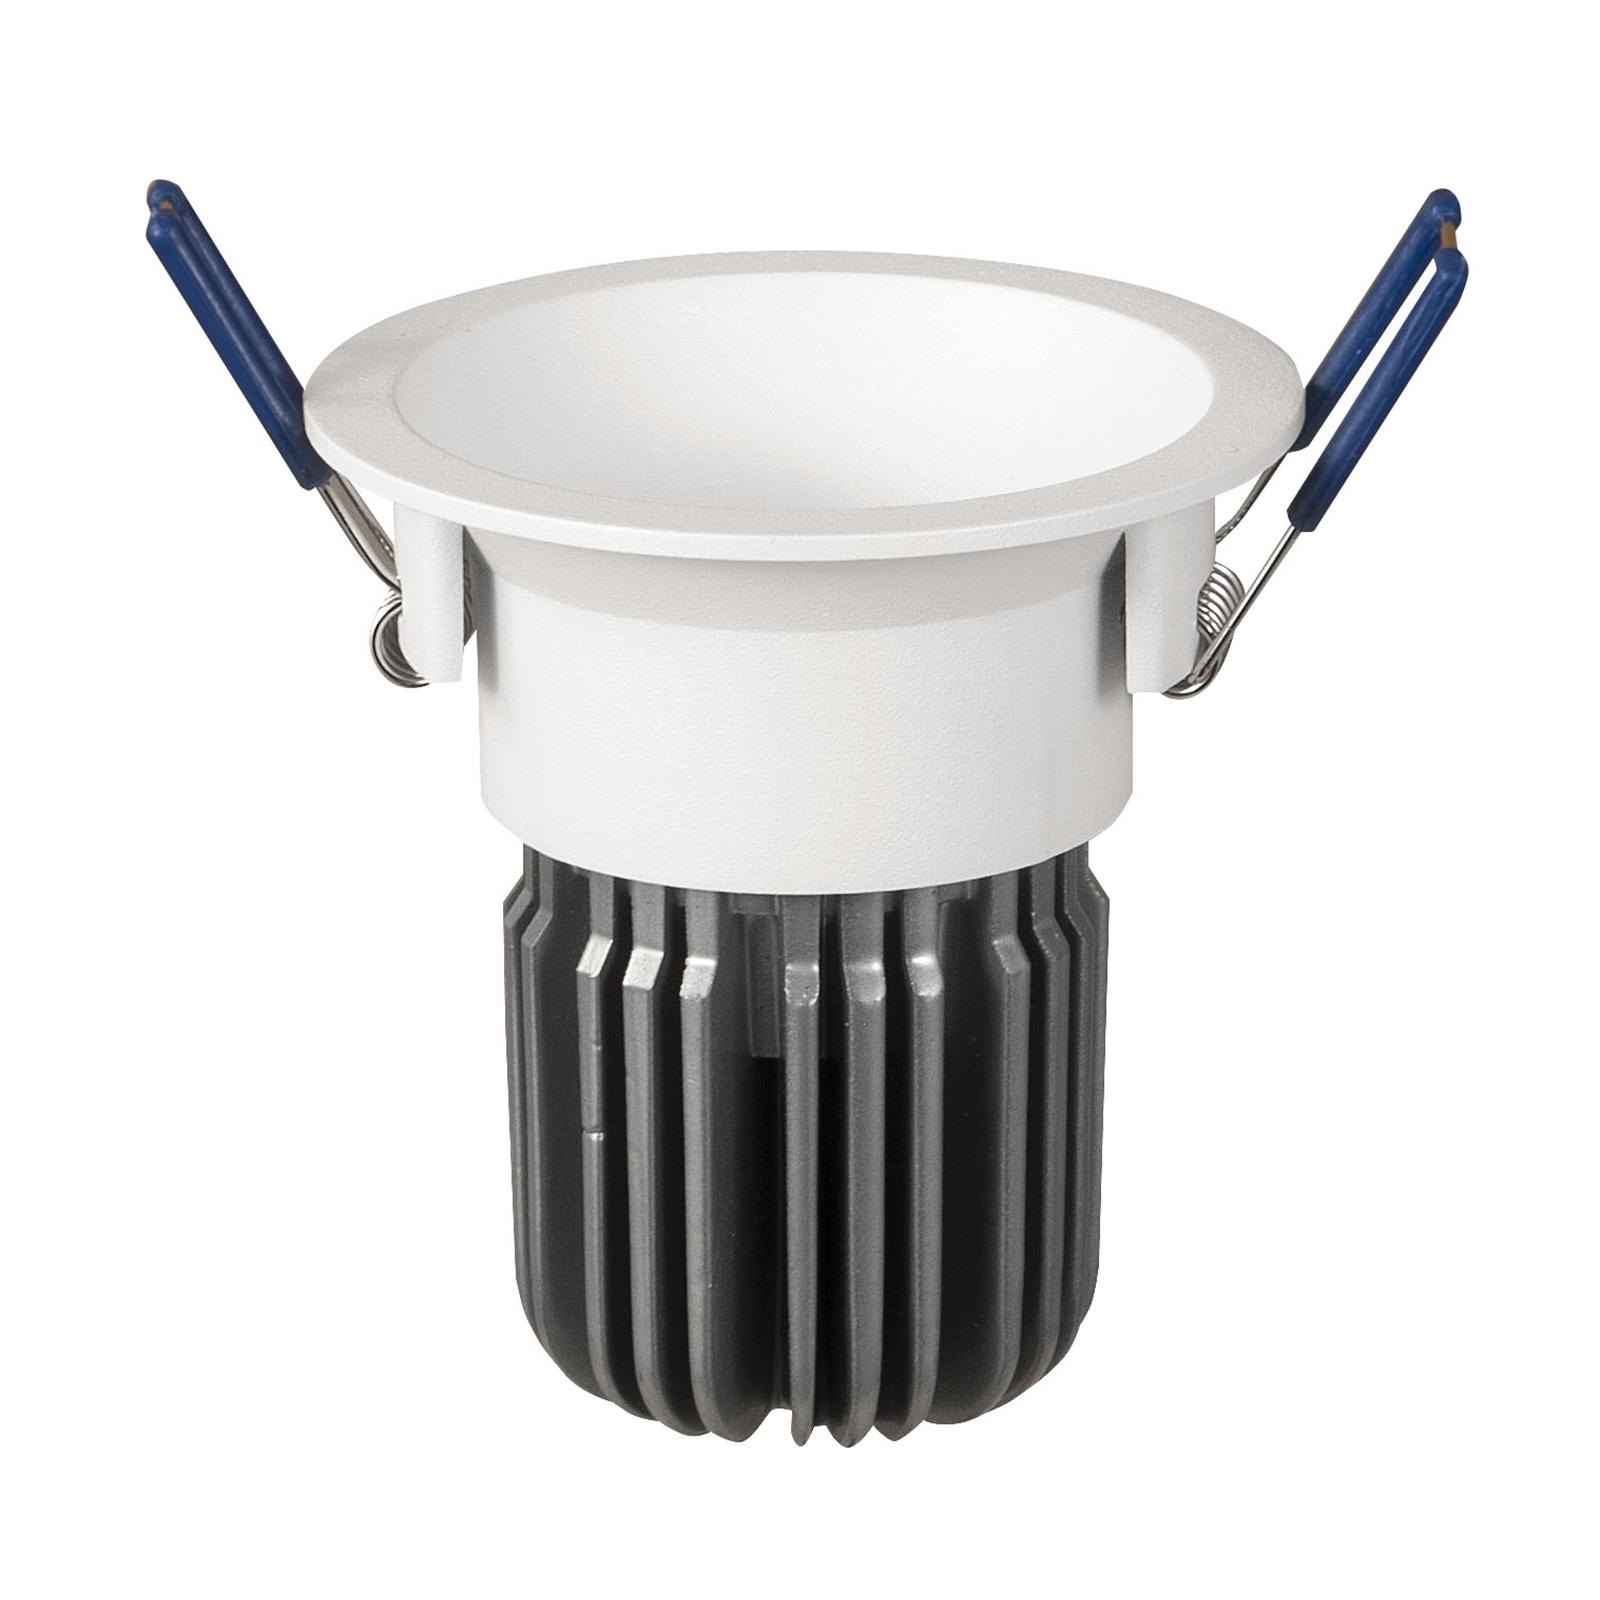 LED-Einbauspot Toodle rund symmetrisch, weiß